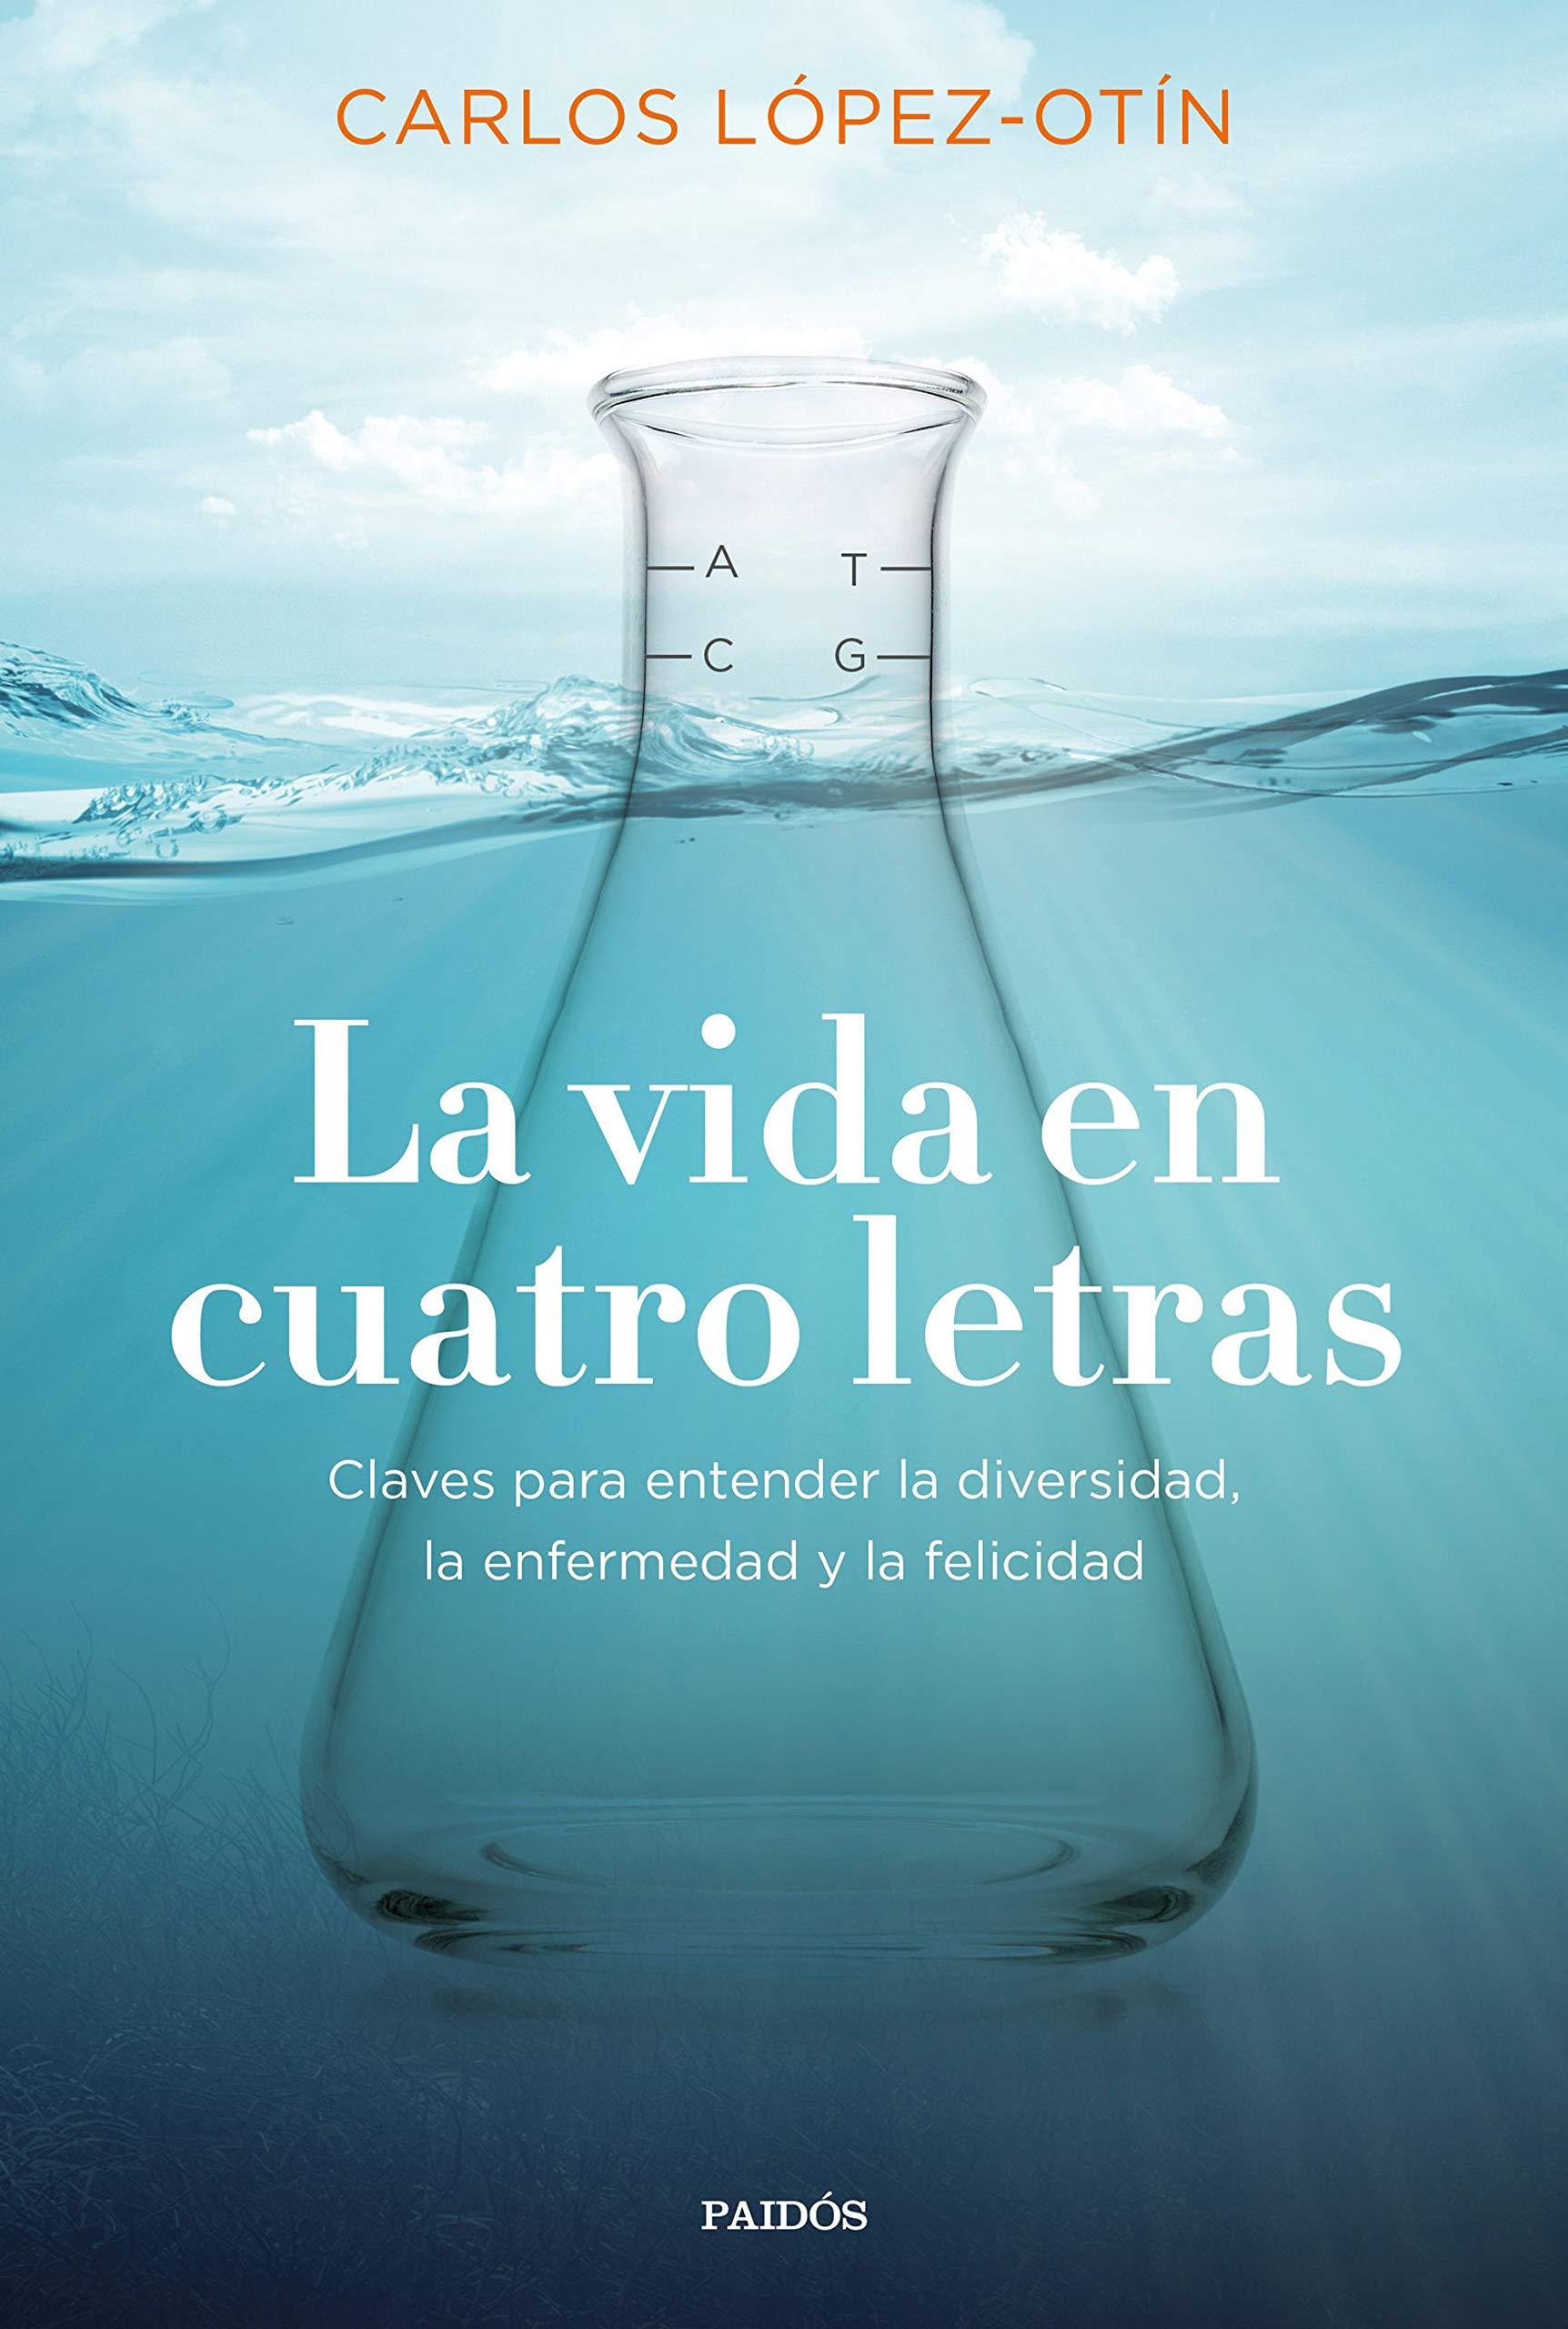 La vida en cuatro letras: Claves para entender la diversidad, la enfermedad y la felicidad (Contextos) por Carlos López Otín